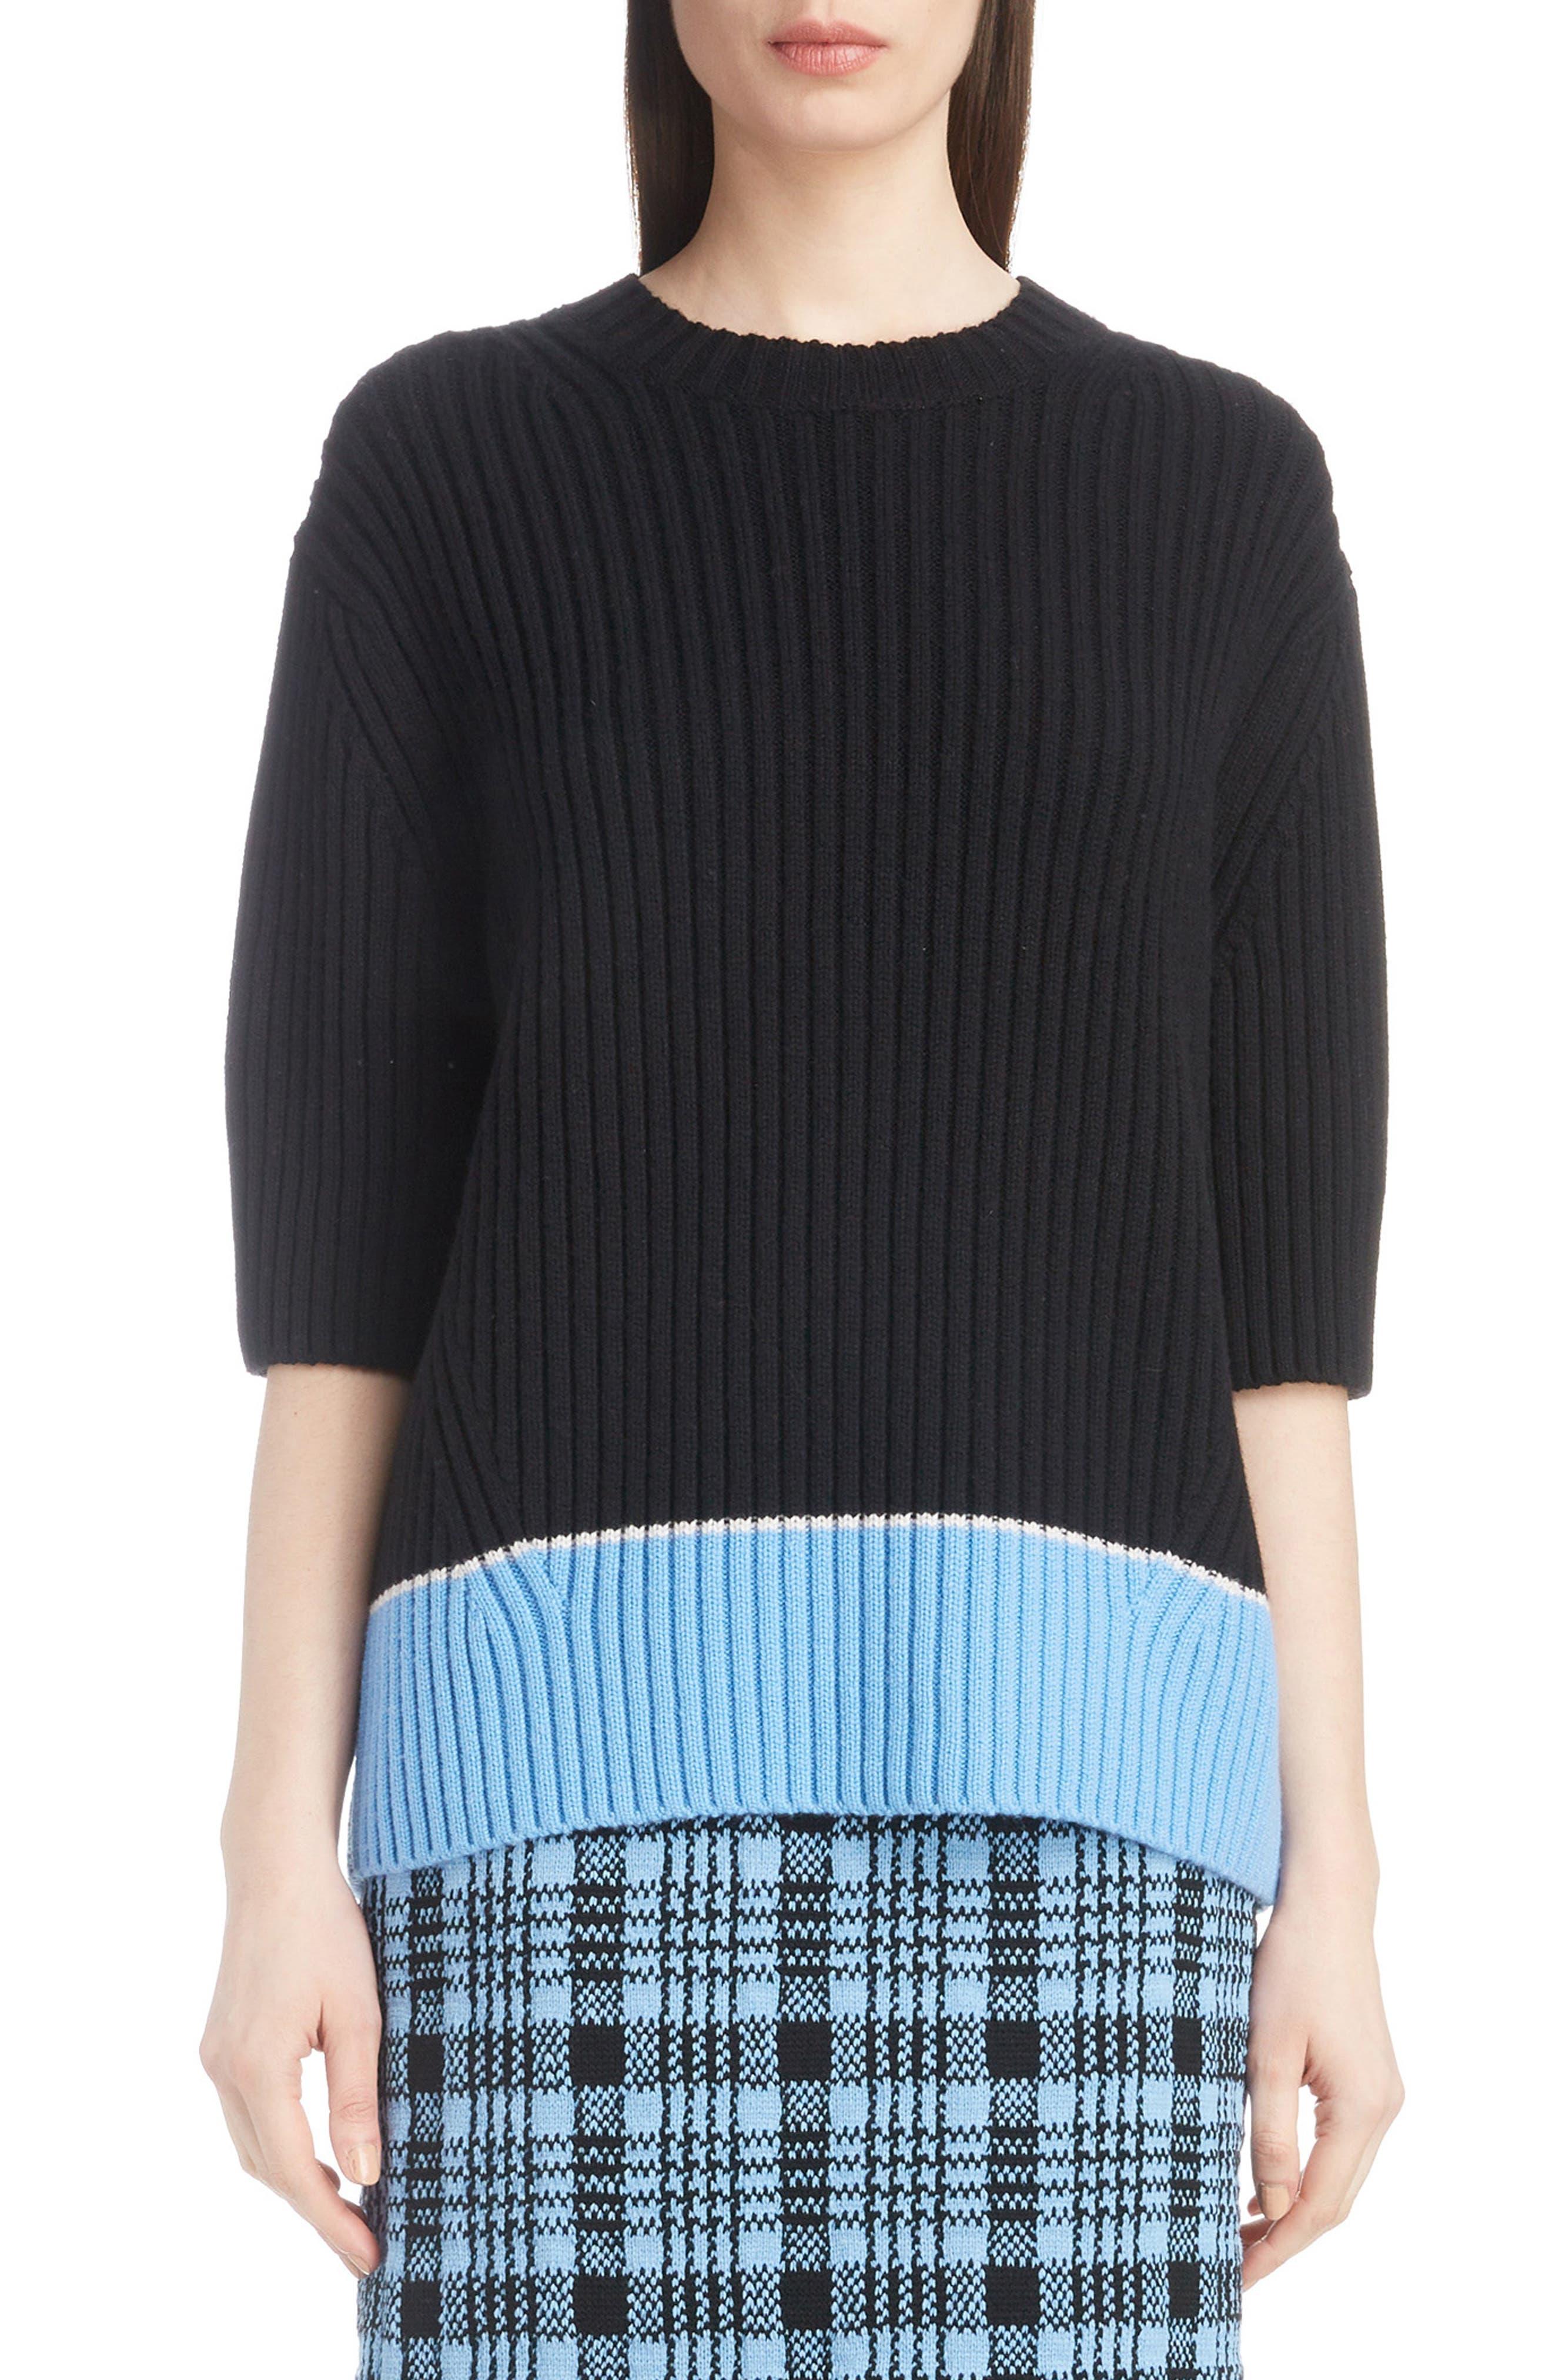 Dries Van Noten Contrast Hem Merino Wool & Cashmere Sweater, Black